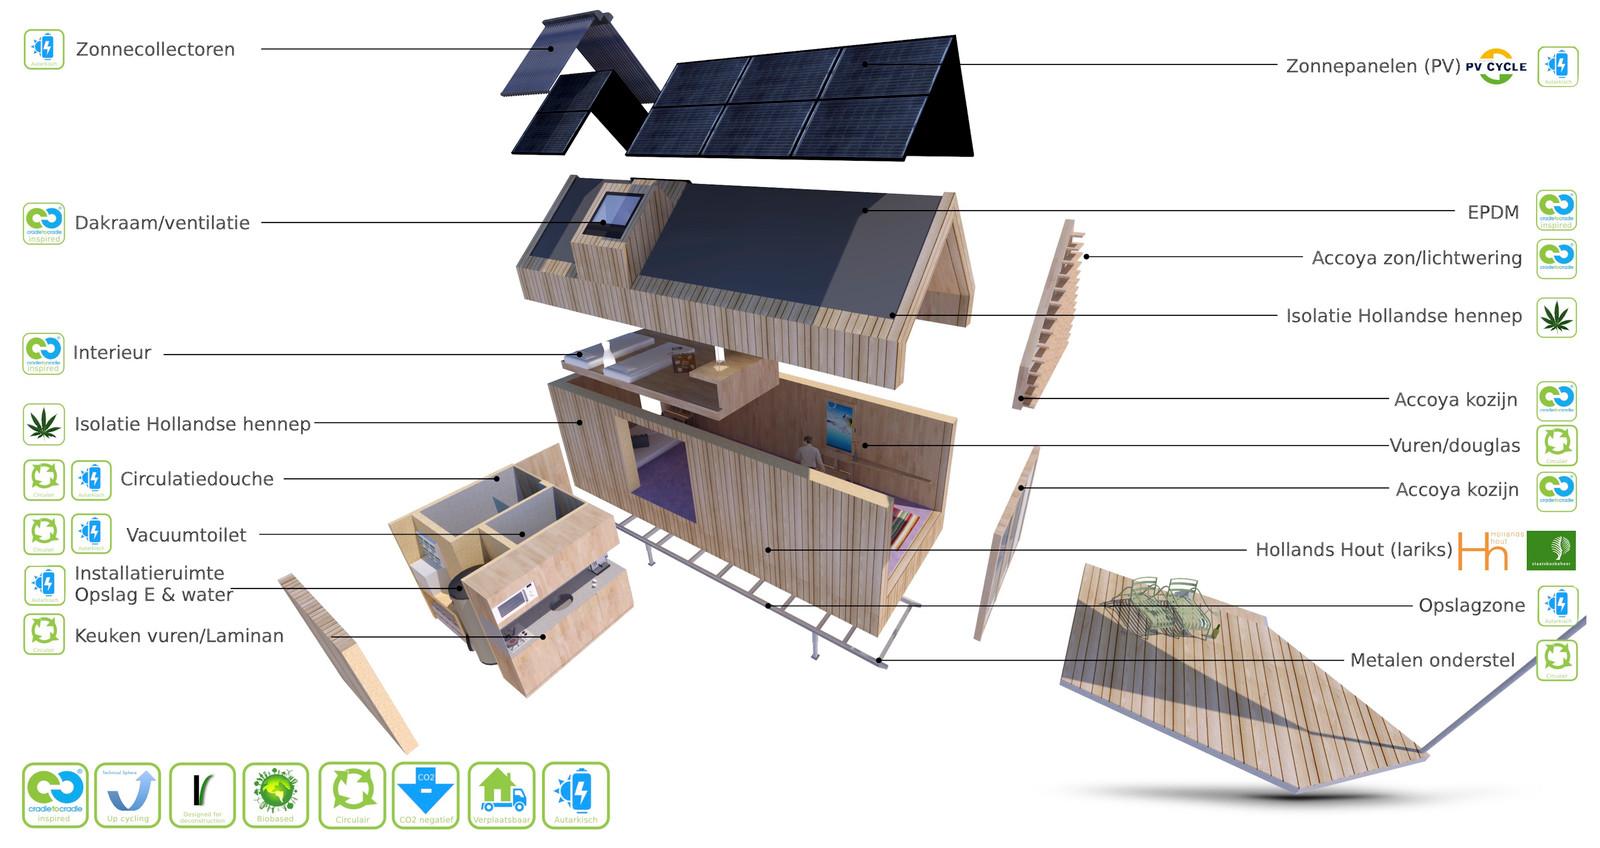 Deel kabbelaarsbank voorlopig dicht vanwege bouw for Verplaatsbaar huis